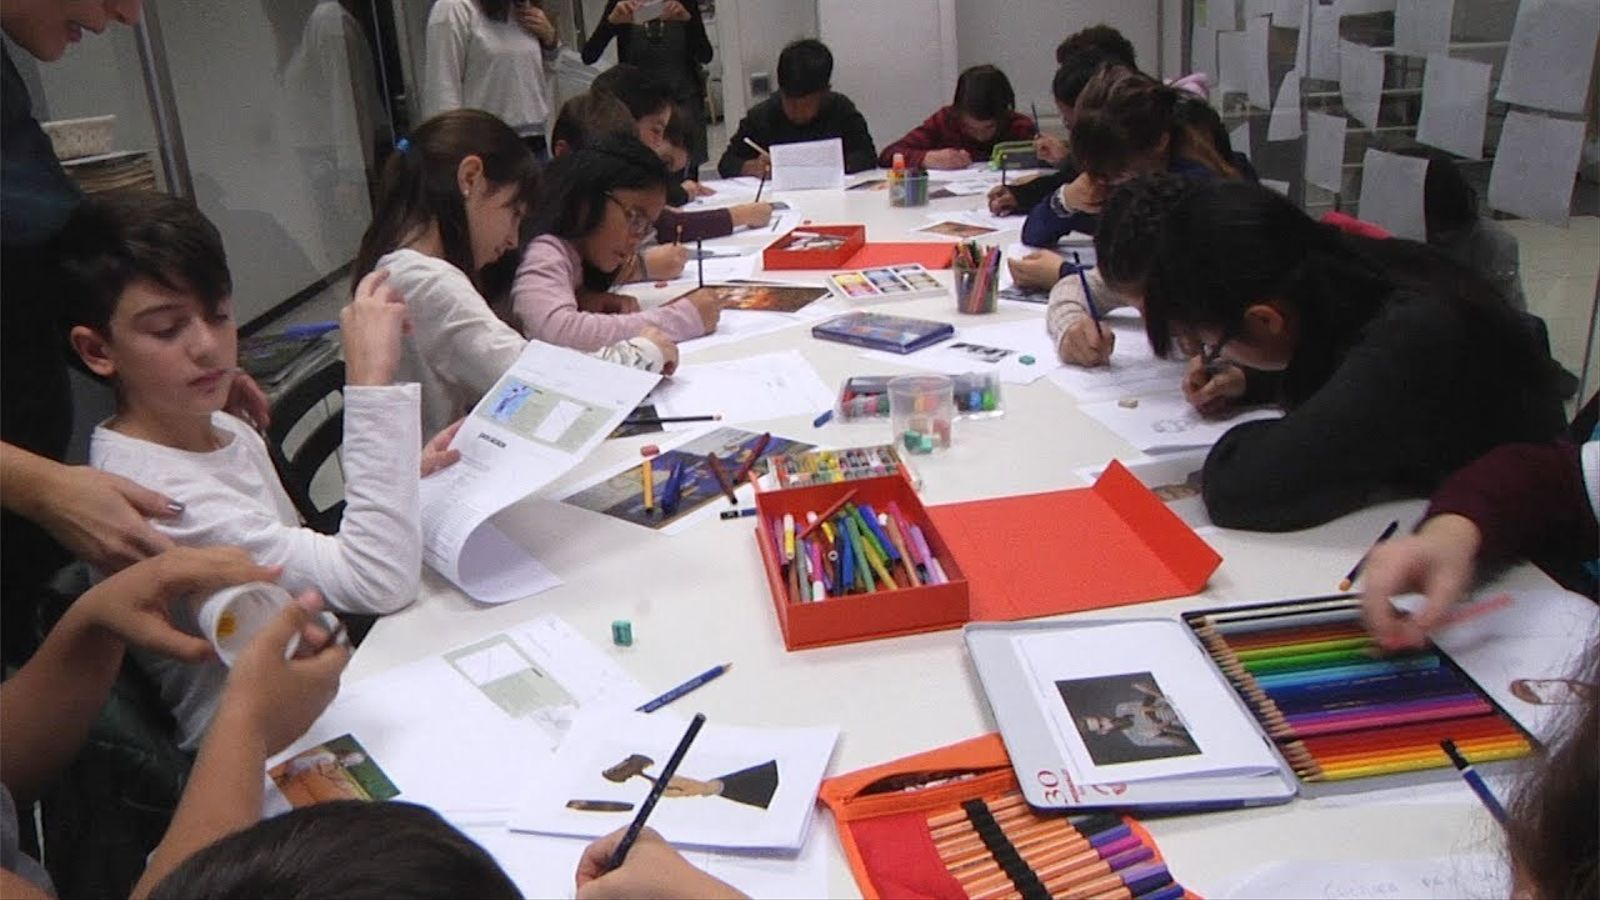 Així han dibuixat els nens i nenes l'ARA del Dia Internacional dels Drets dels Infants